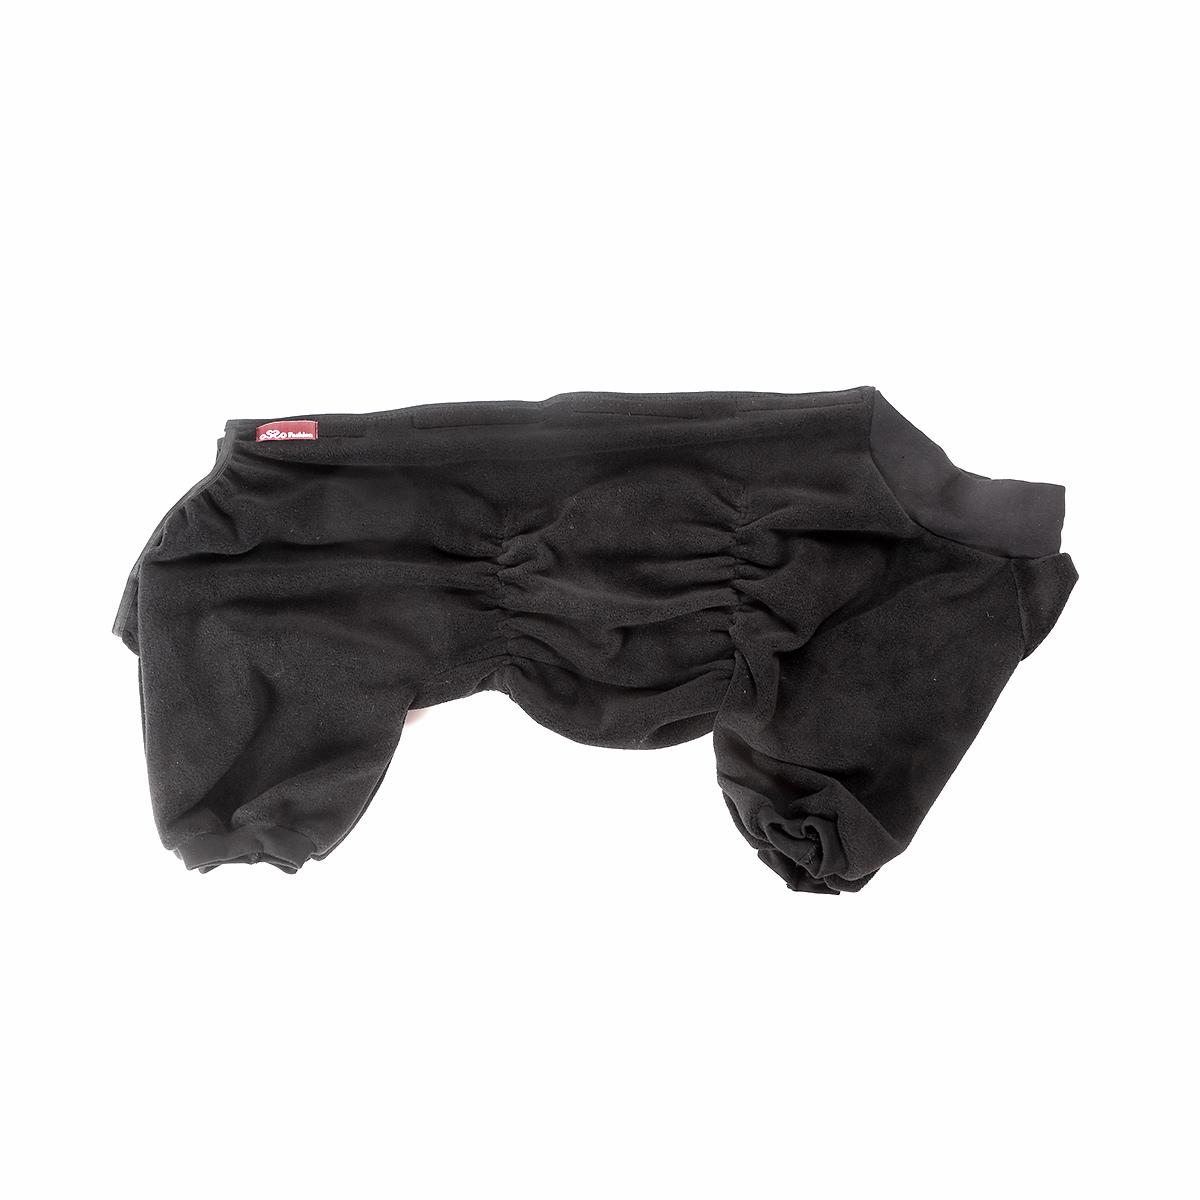 Комбинезон для собак OSSO Fashion, для мальчика, цвет: черный. Размер 32Кф-1008Комбинезон для собак OSSO Fashion выполнен из флиса. Комфортная посадка по корпусу достигается за счет резинок-утяжек под грудью и животом. На воротнике имеются завязки, для дополнительной фиксации. Можно носить самостоятельно и как поддевку под комбинезон для собак. Изделие отлично стирается, быстро сохнет.Длина спинки: 32 см. Объем груди: 40-50 см.Одежда для собак: нужна ли она и как её выбрать. Статья OZON Гид